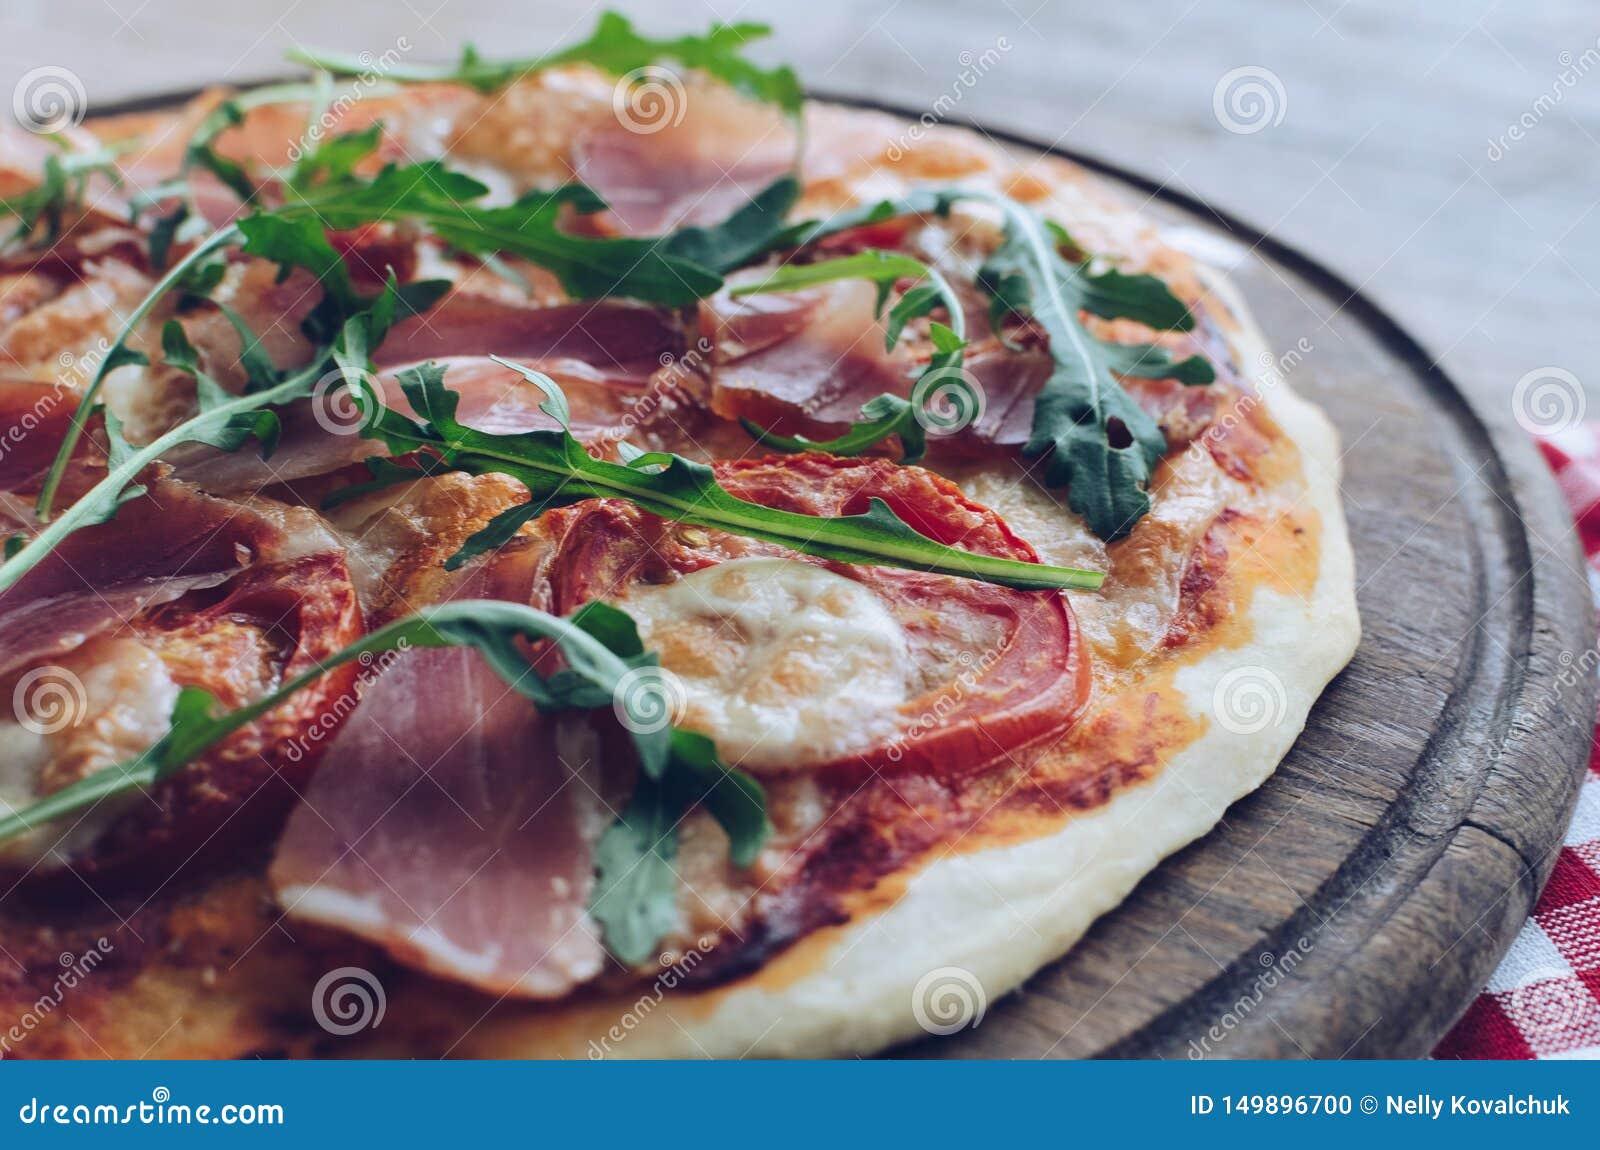 Italian pizza with prosciutto and arugula